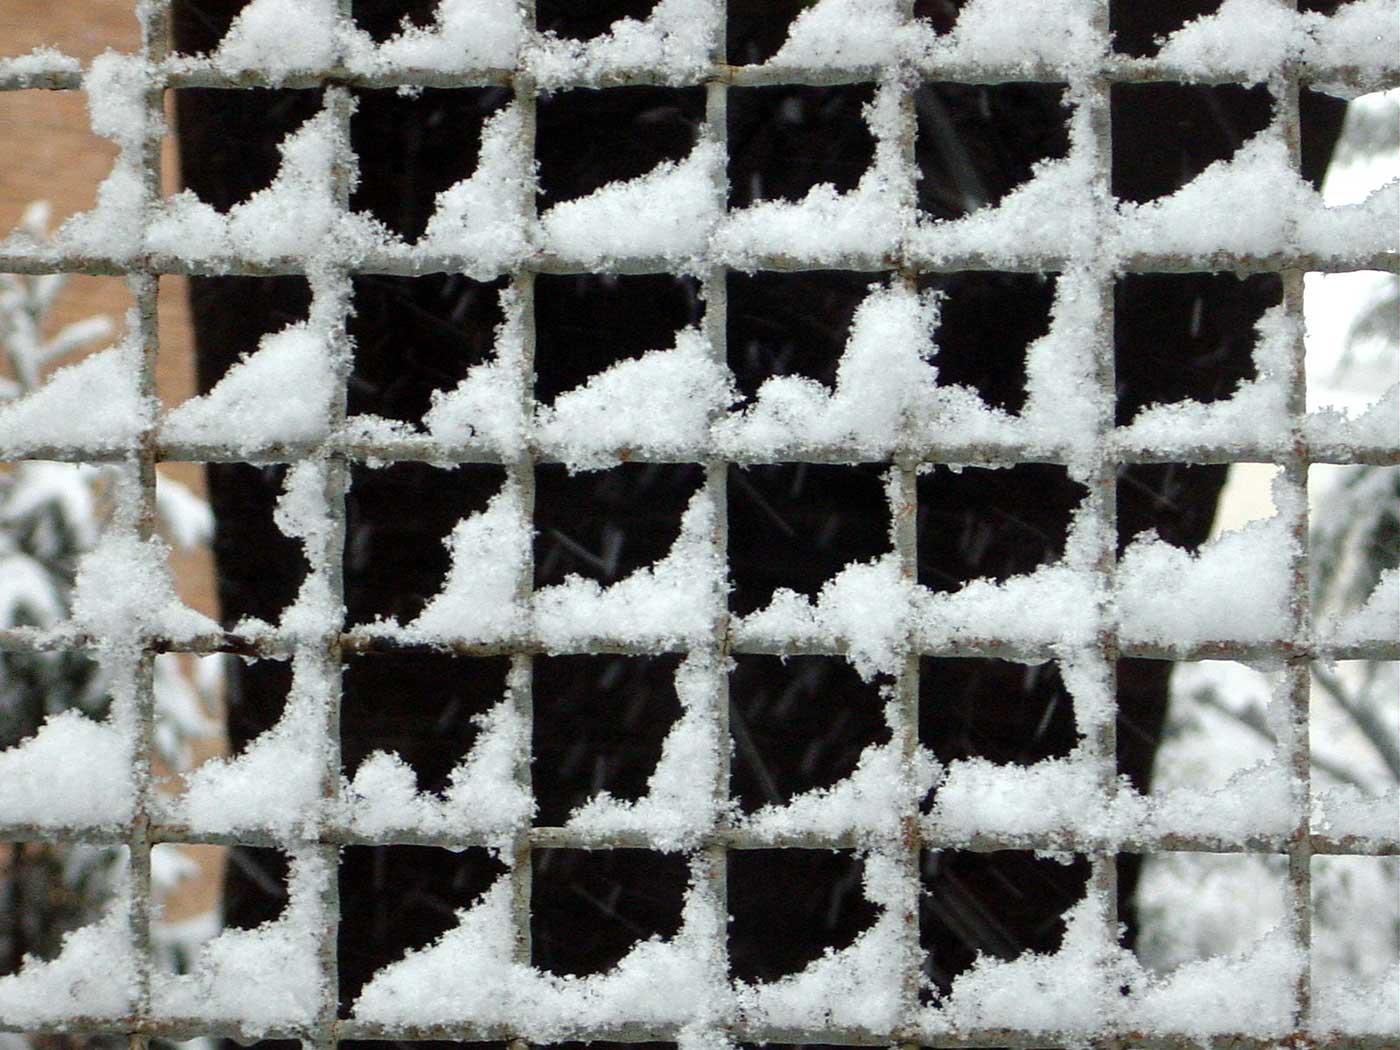 Snow in Milan.